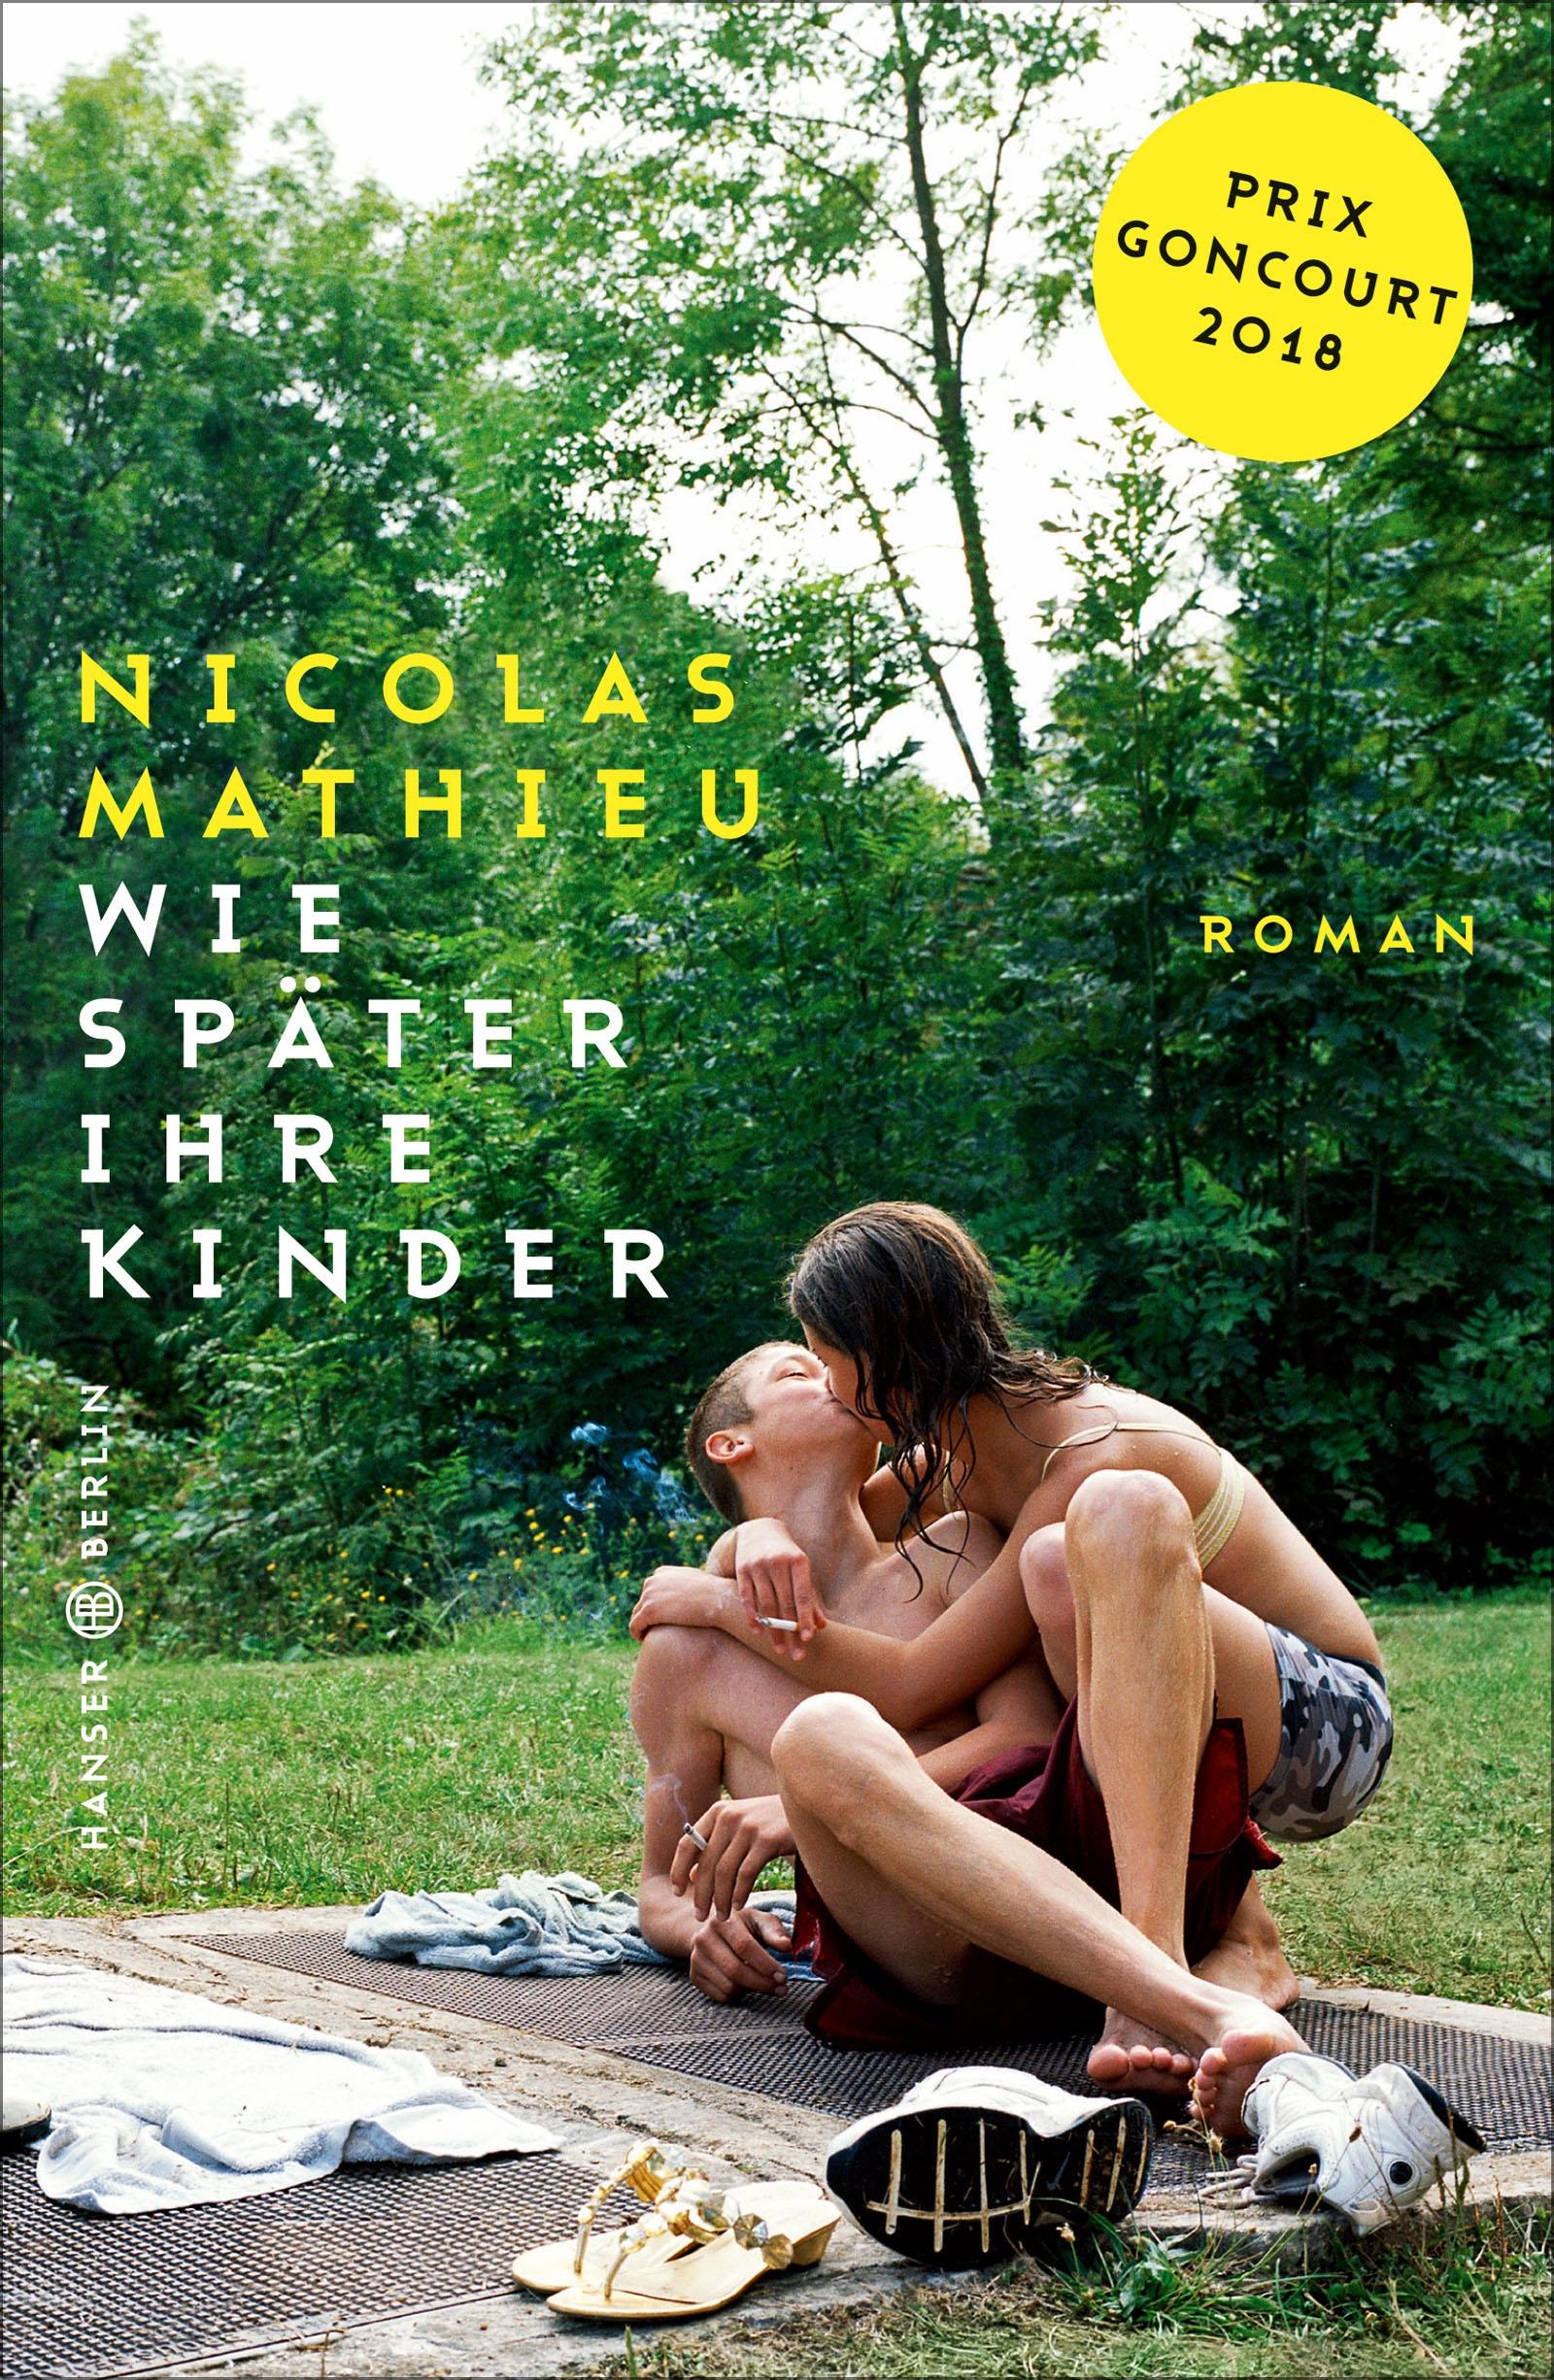 https://www.hanser-literaturverlage.de/buch/wie-spaeter-ihre-kinder/978-3-446-26412-0/